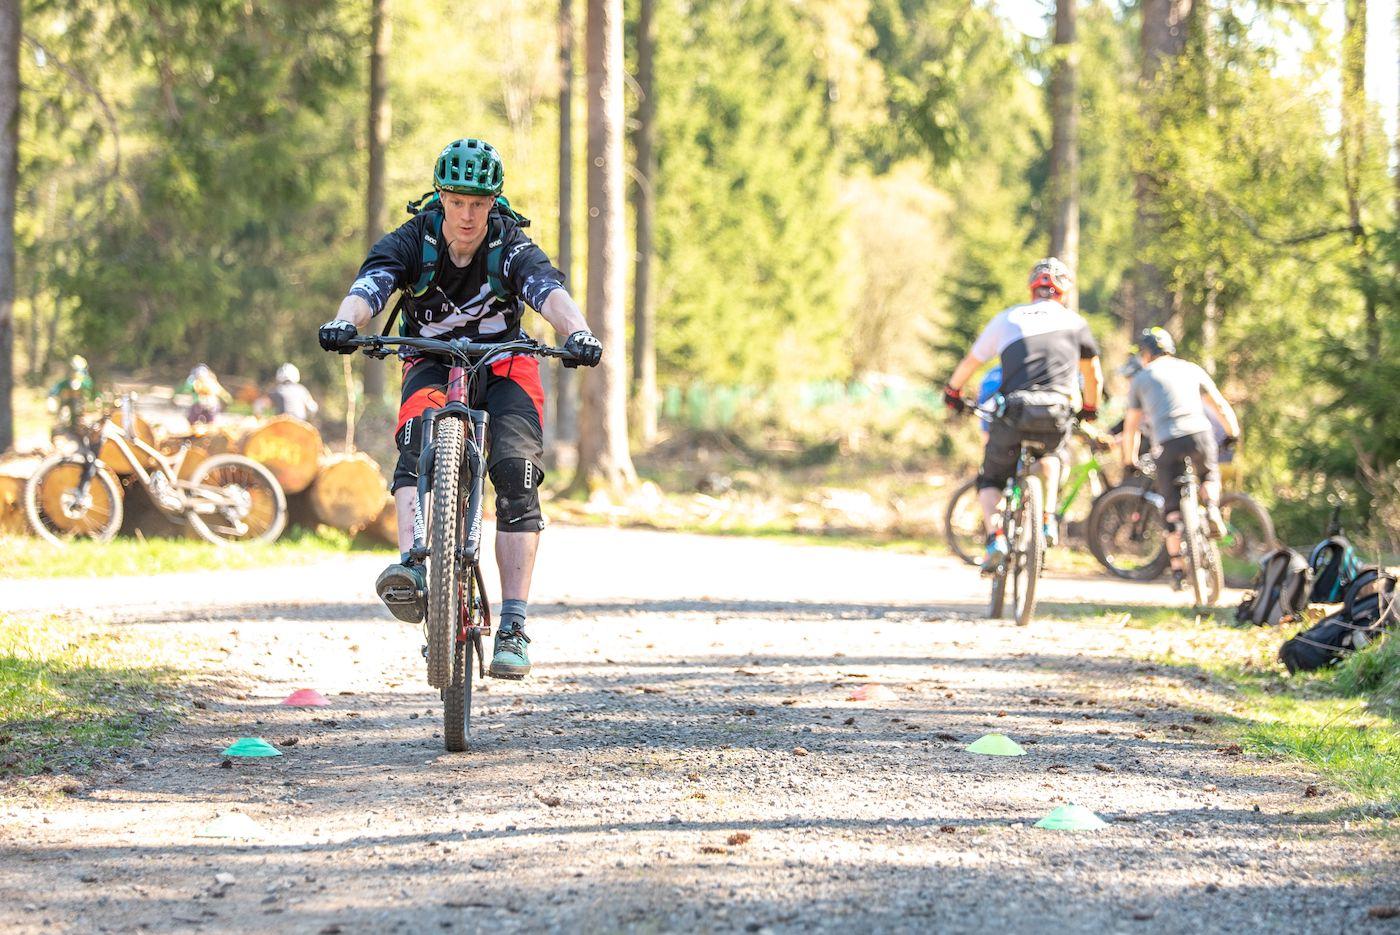 MTB Fahrtechnik Kurs Fortgeschrittene in Bad Orb |Spessart - Mountainbike Fortgeschritten - Rock my Trail Bikeschule - 13